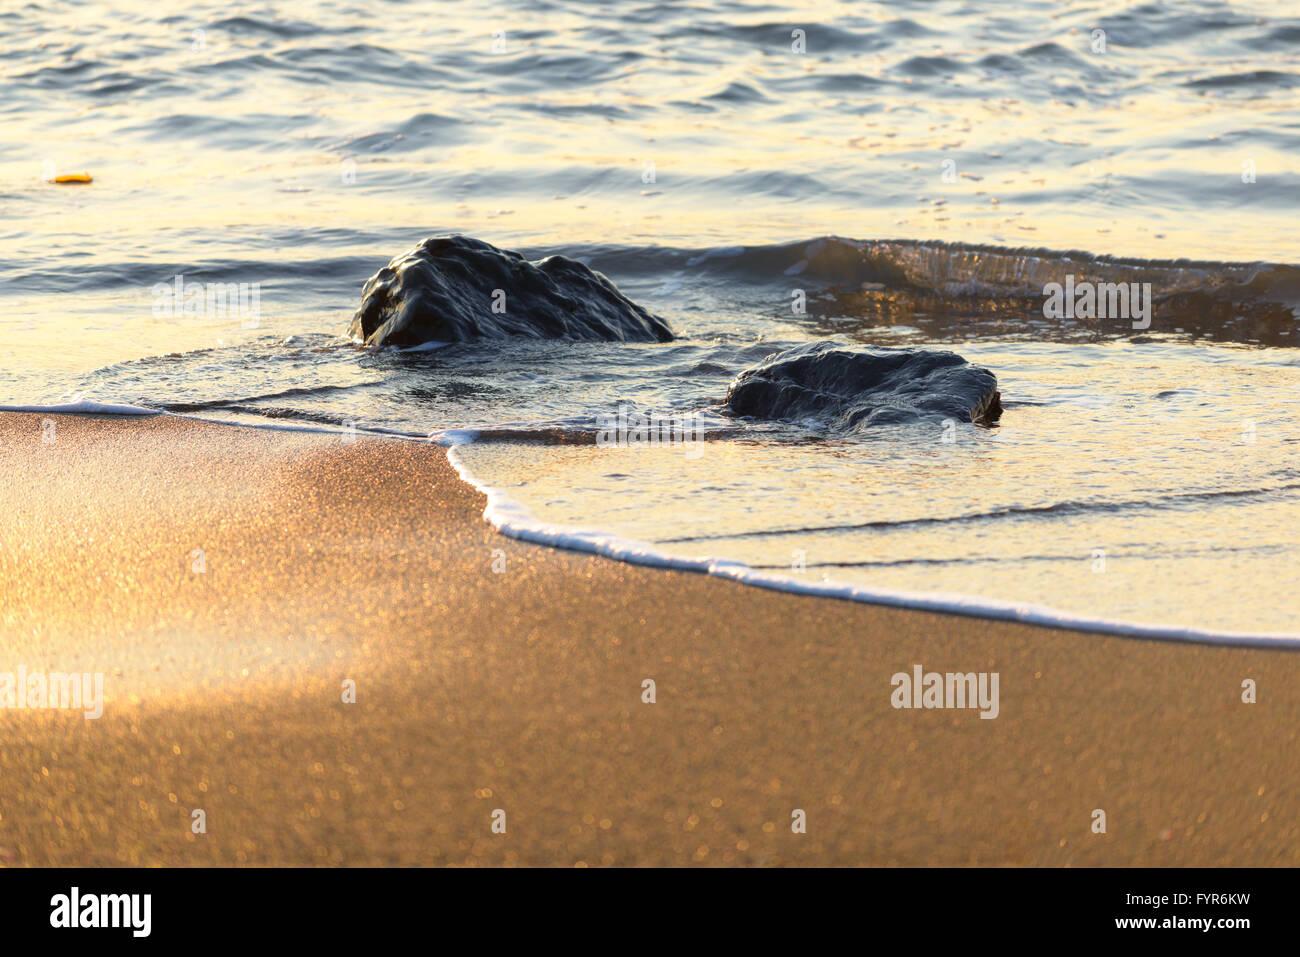 Dawn on the Sea, Sakhalin Island, Russia. - Stock Image